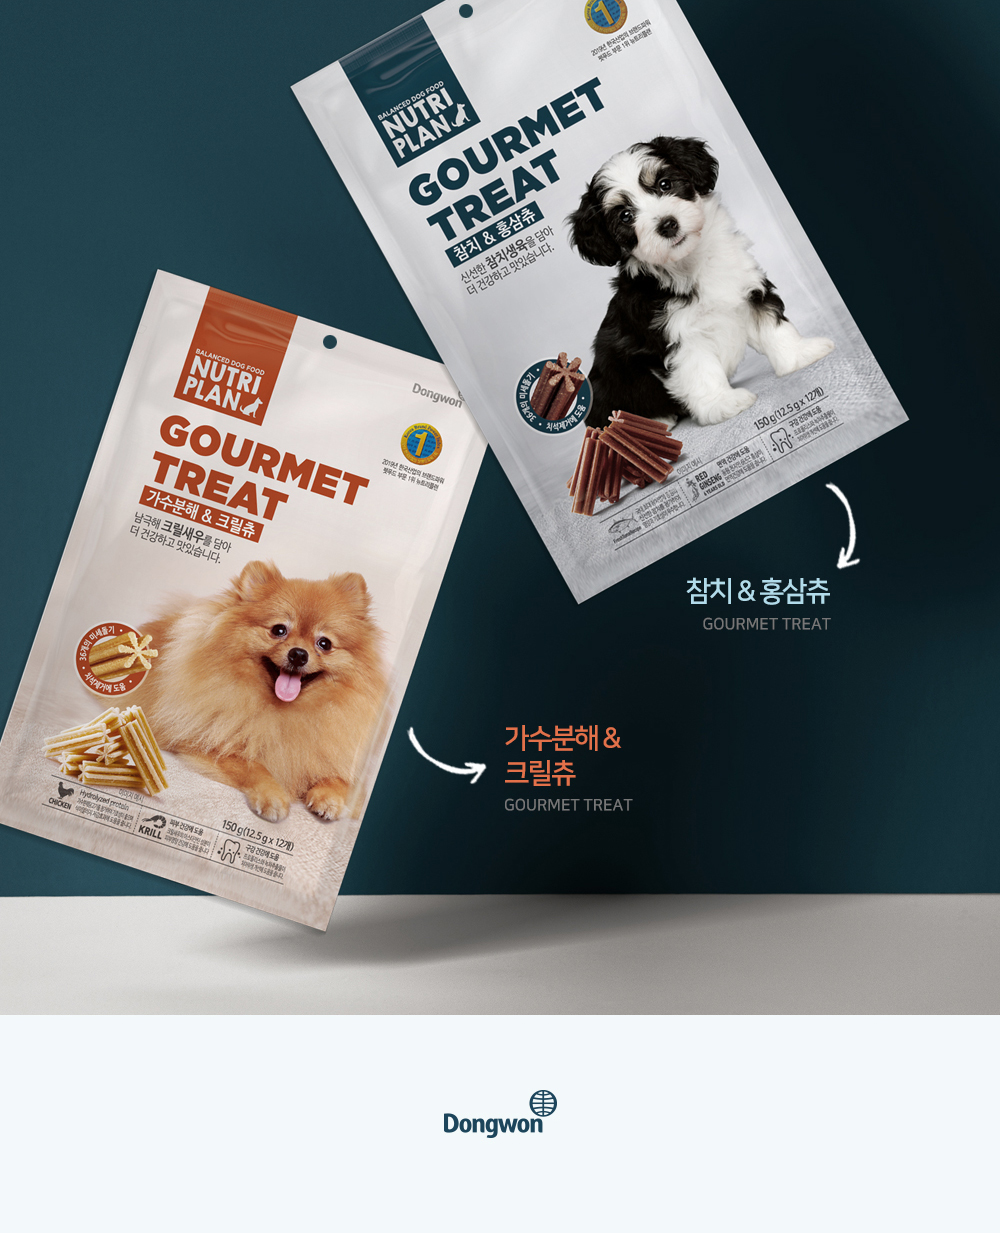 참치,홍삼츄 GOURMET TREAT 가수분해,크릴츄 GOURMET TREAT Dongwon